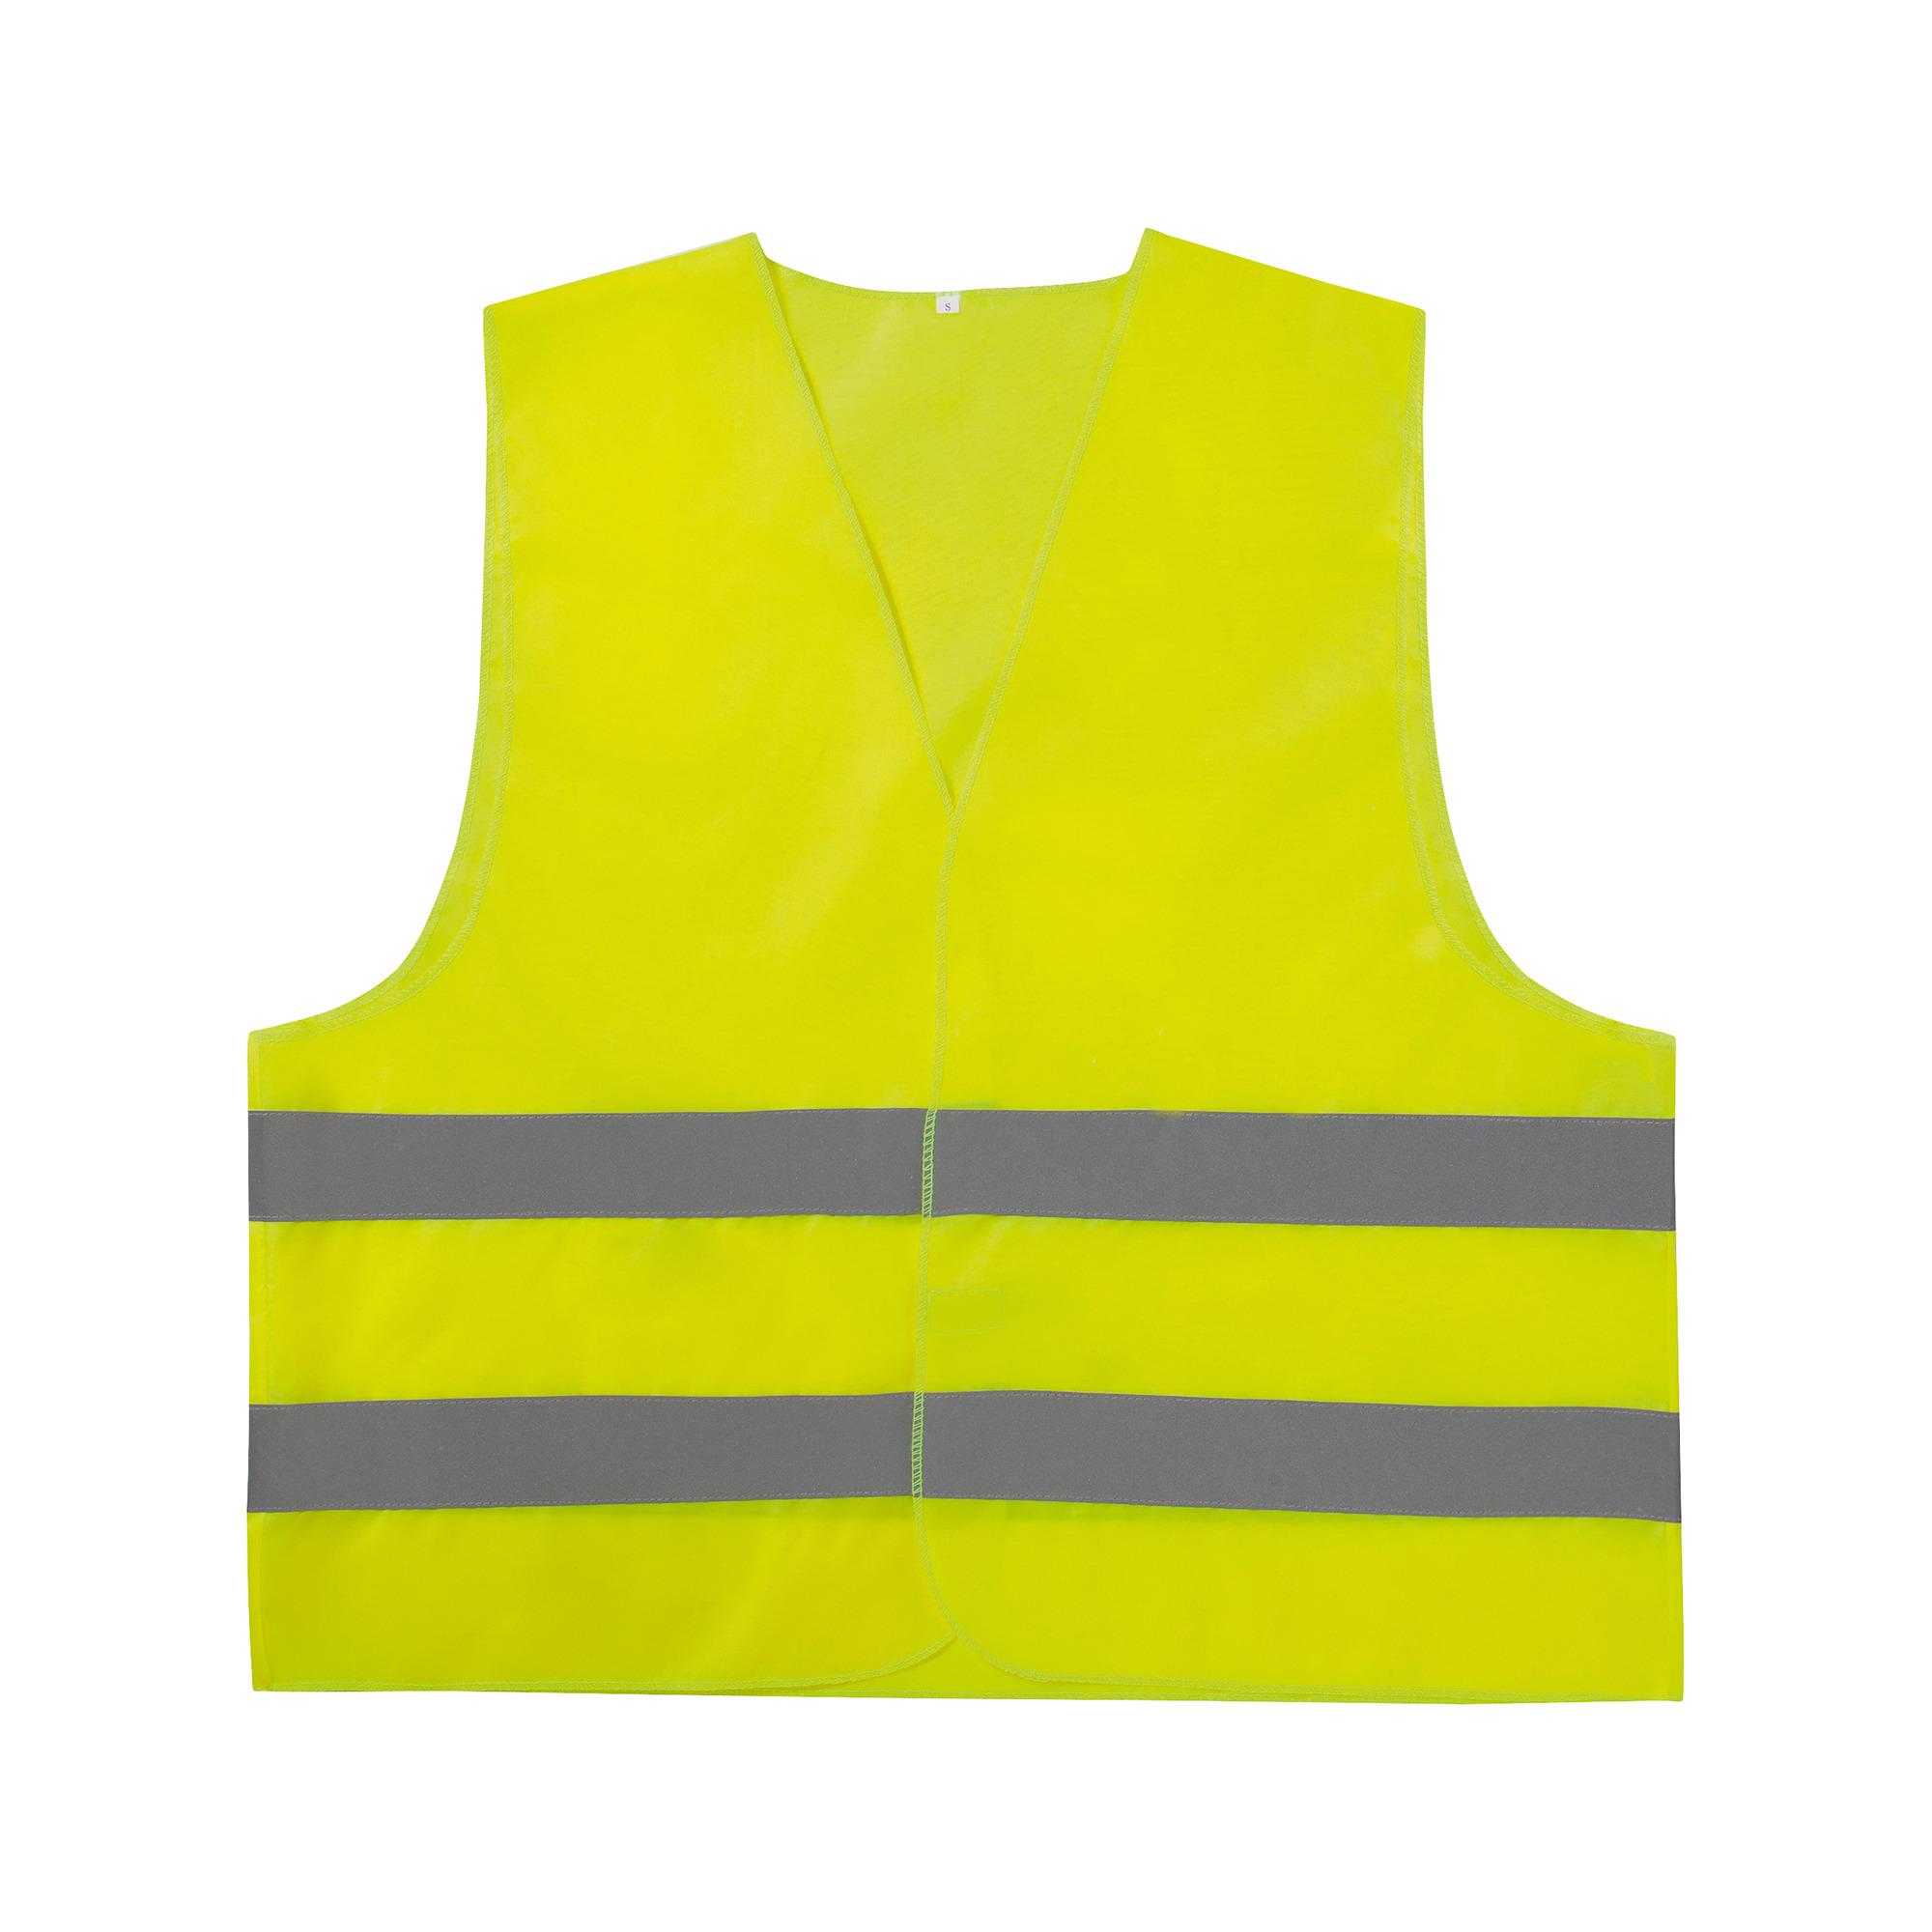 LifeHammer Veiligheidsvest EN 471 Helder-geel, Zilver (reflecterend)